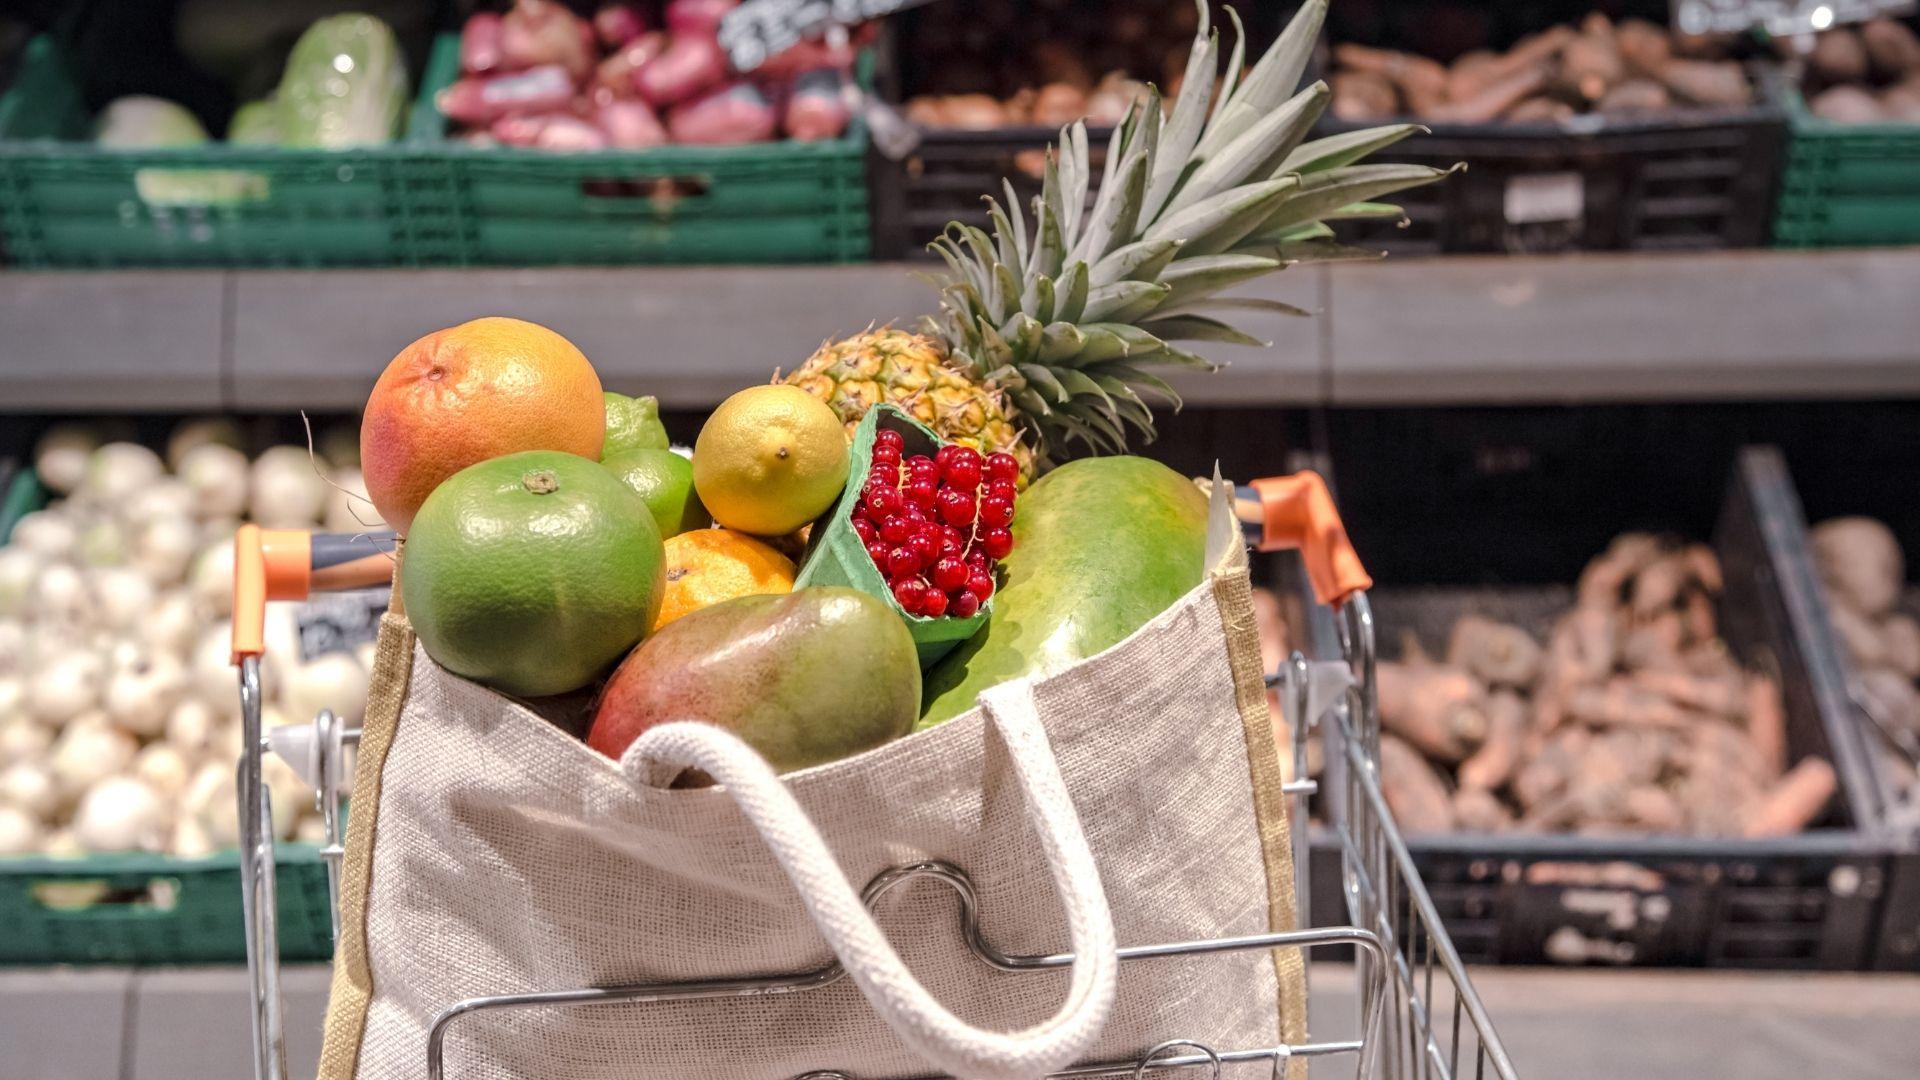 Estos son los alimentos que no deberían faltar en tu dieta, según los expertos